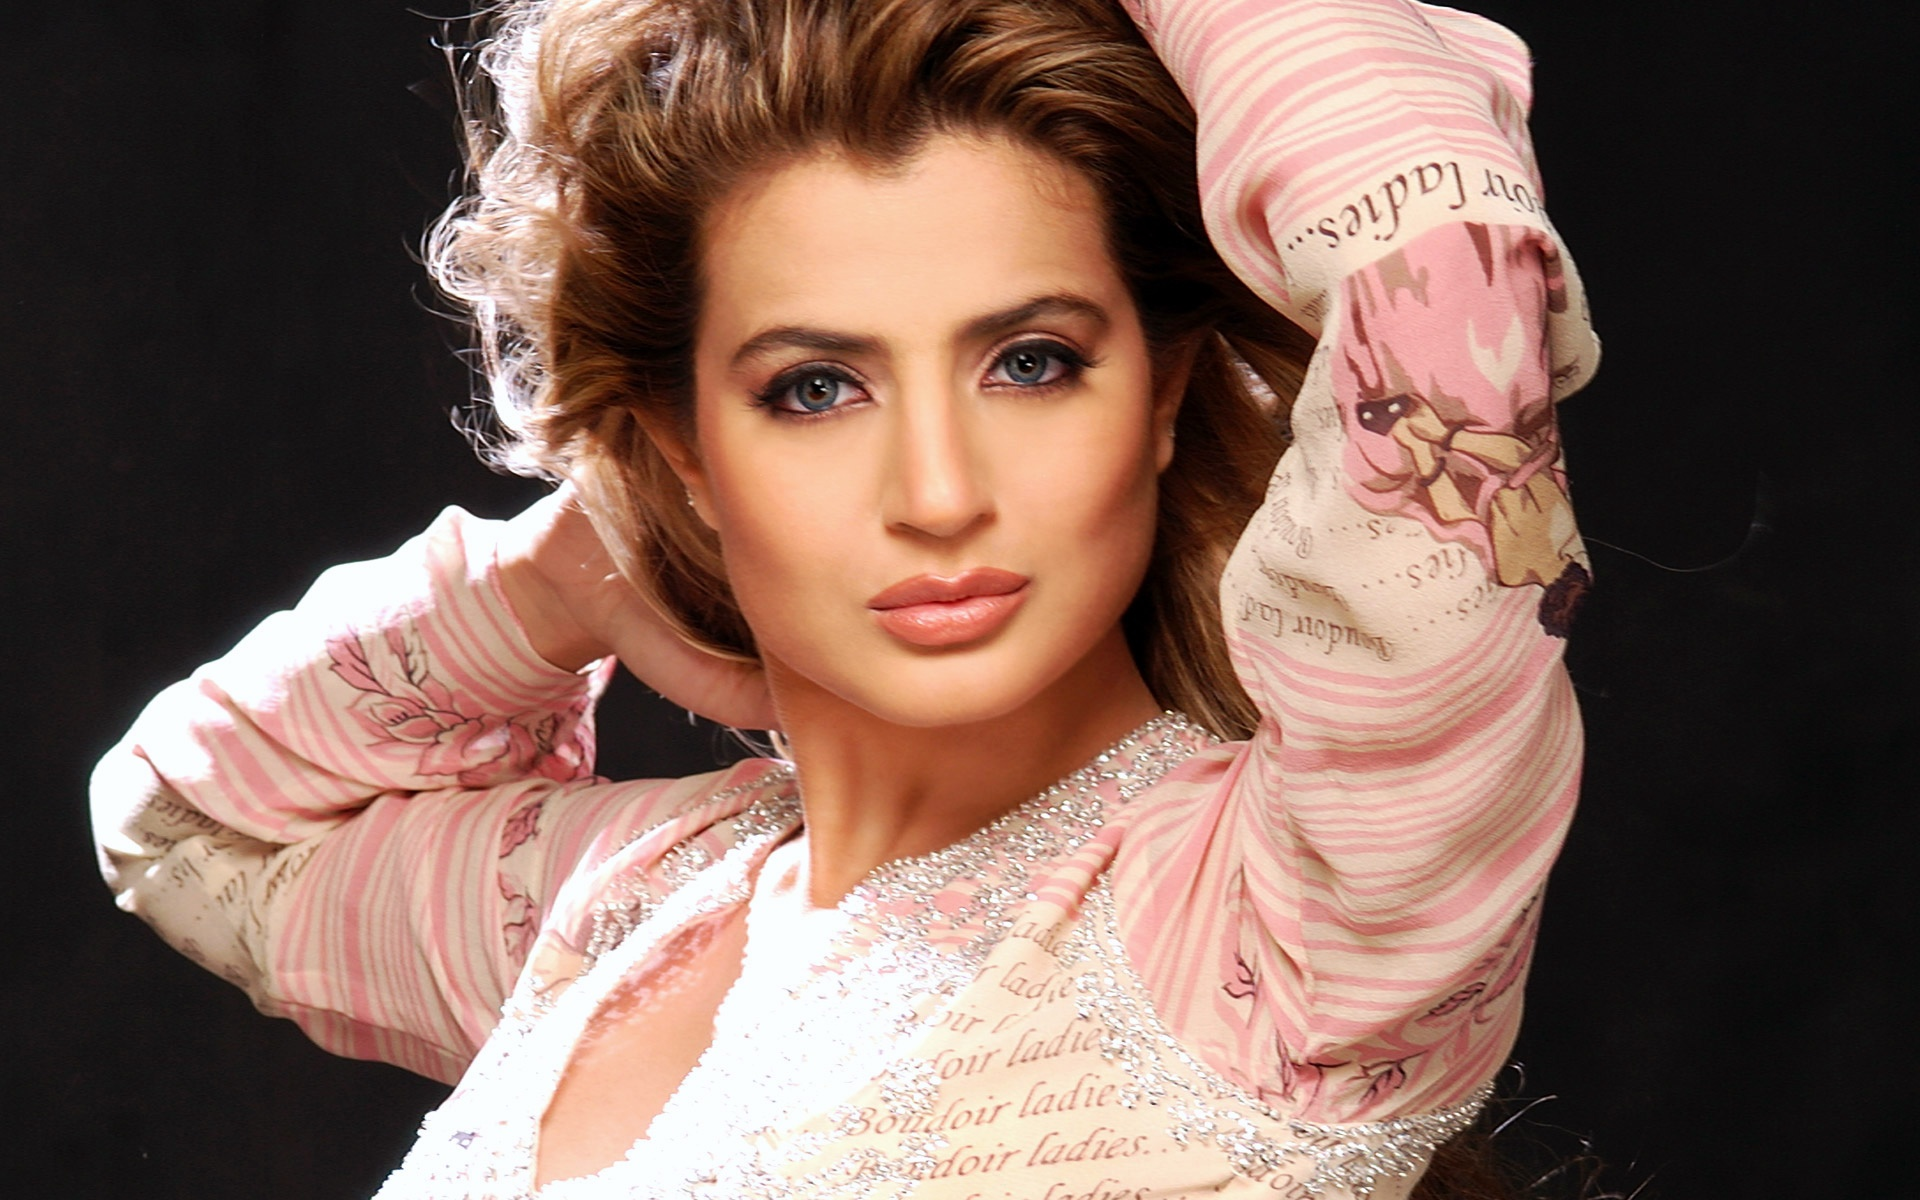 hot bollywood actress without makeup photos wallpapers